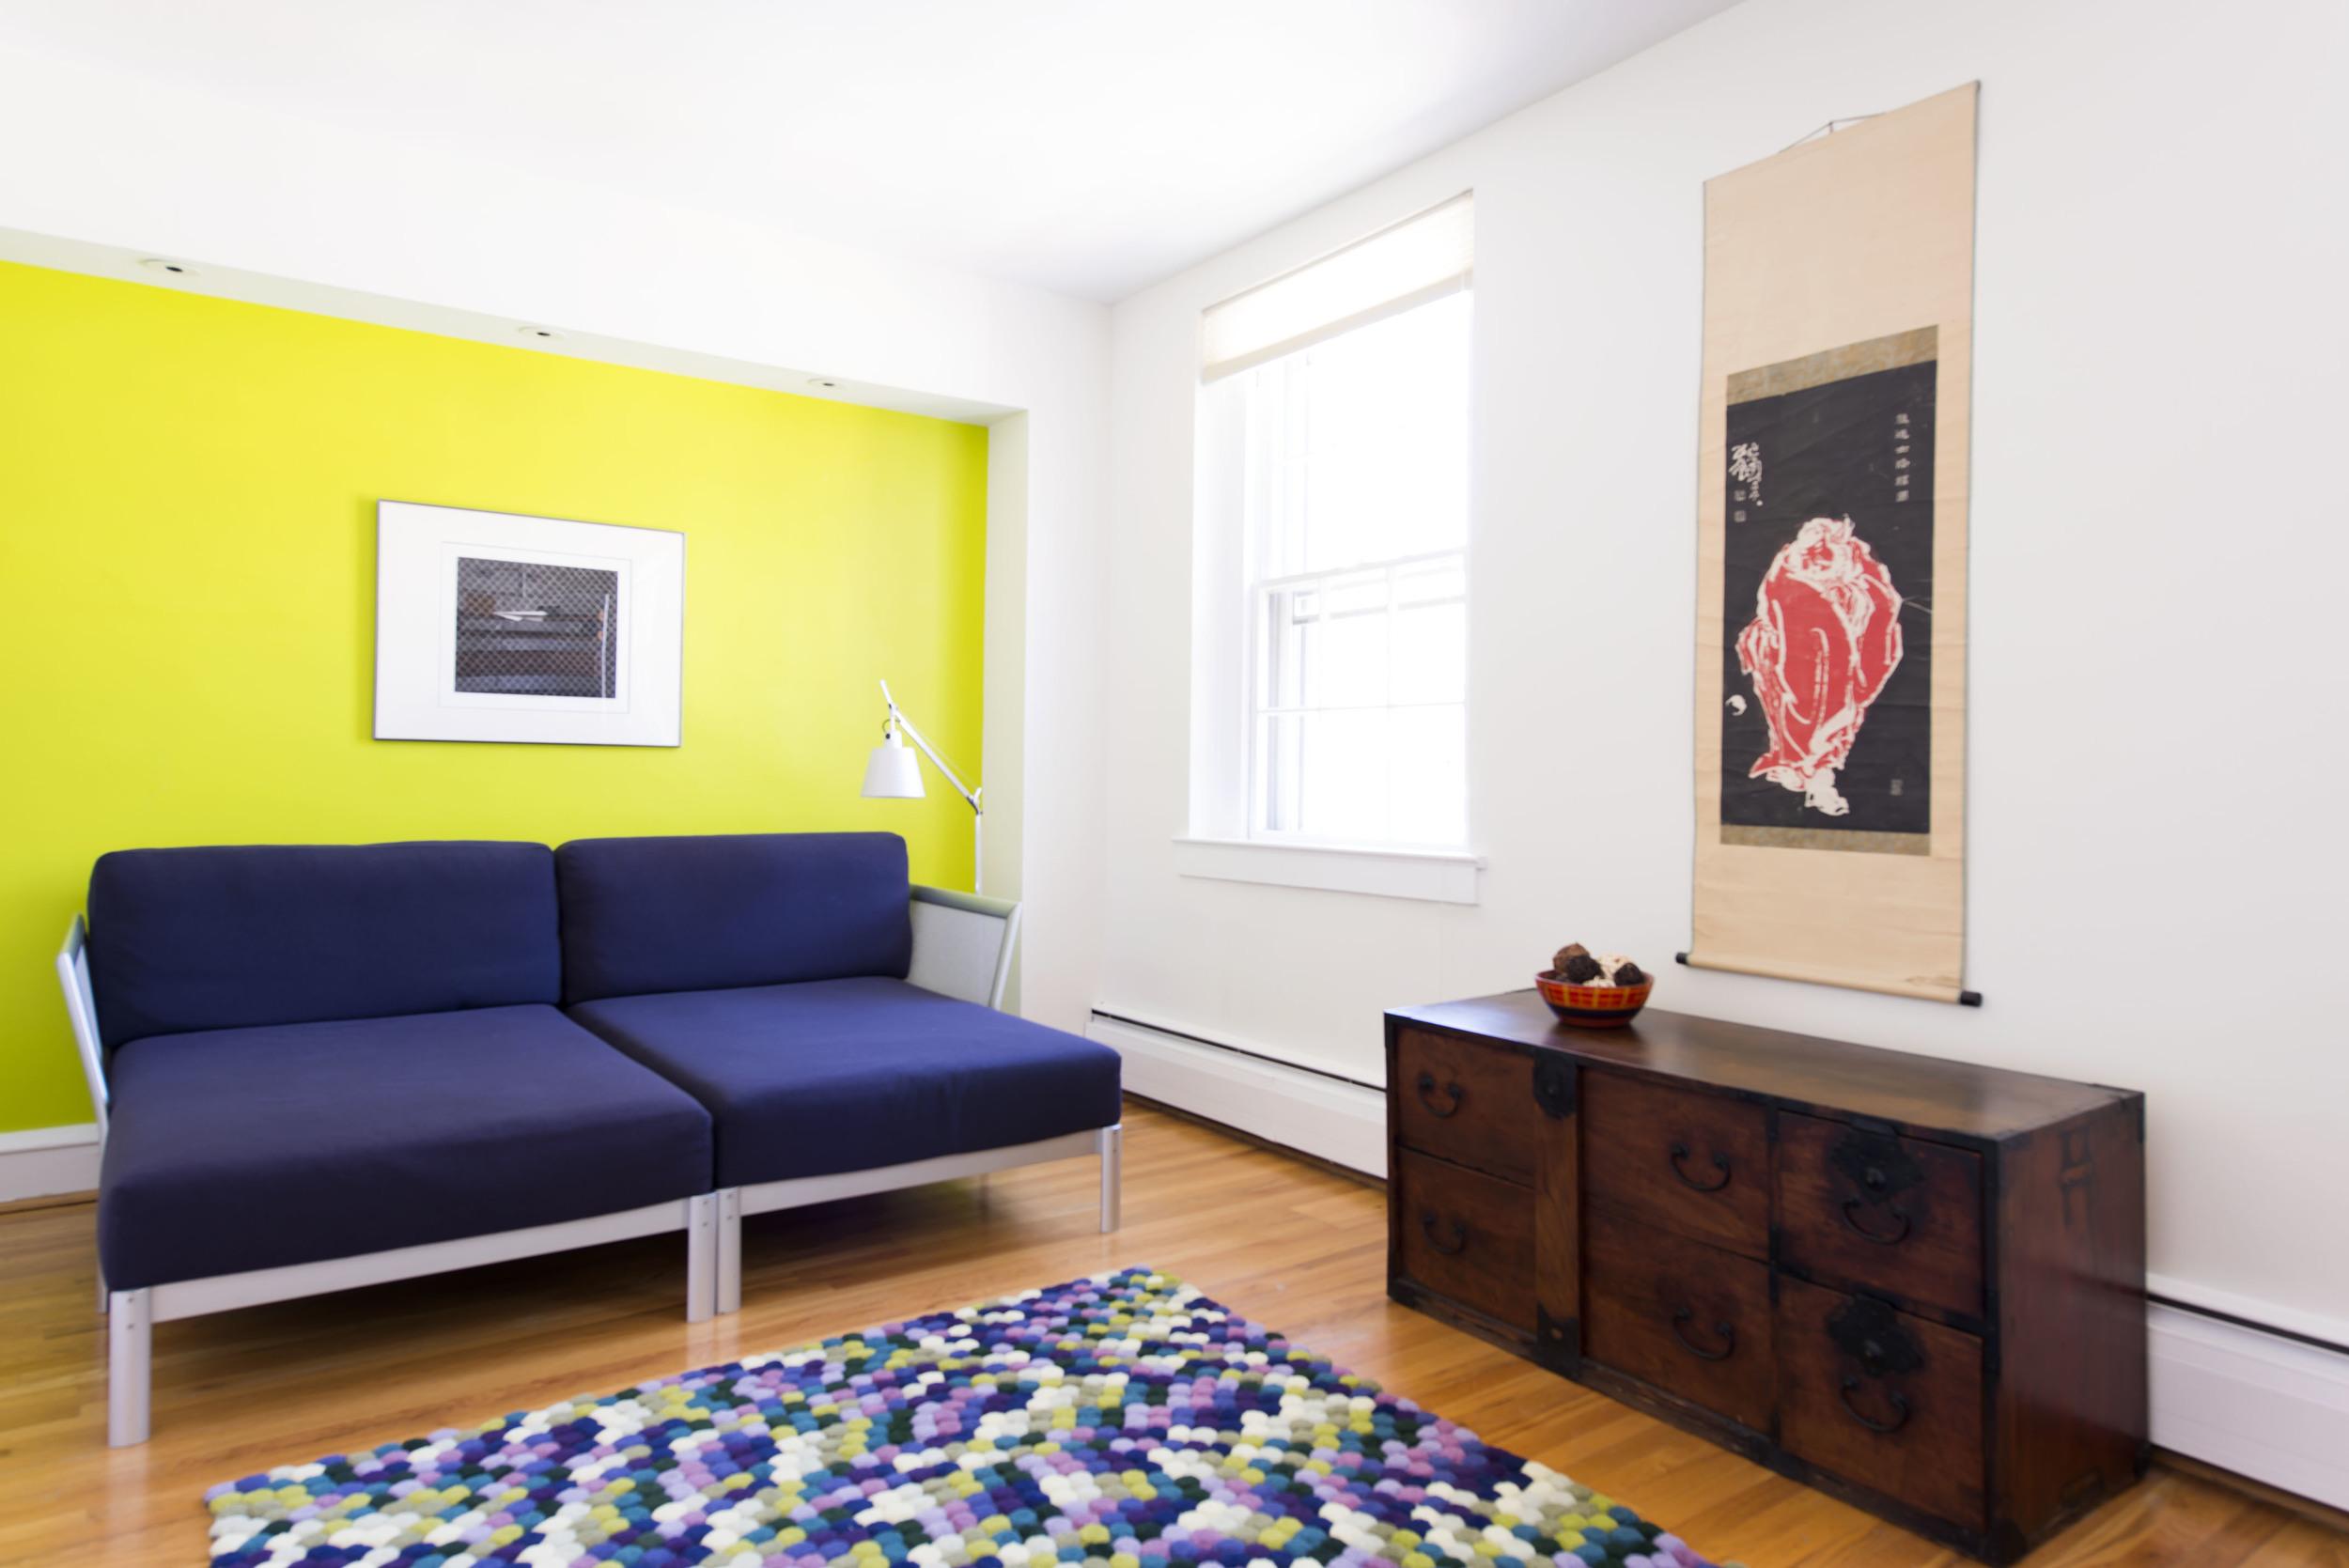 23-TV-Room-Sofa-4911.jpg